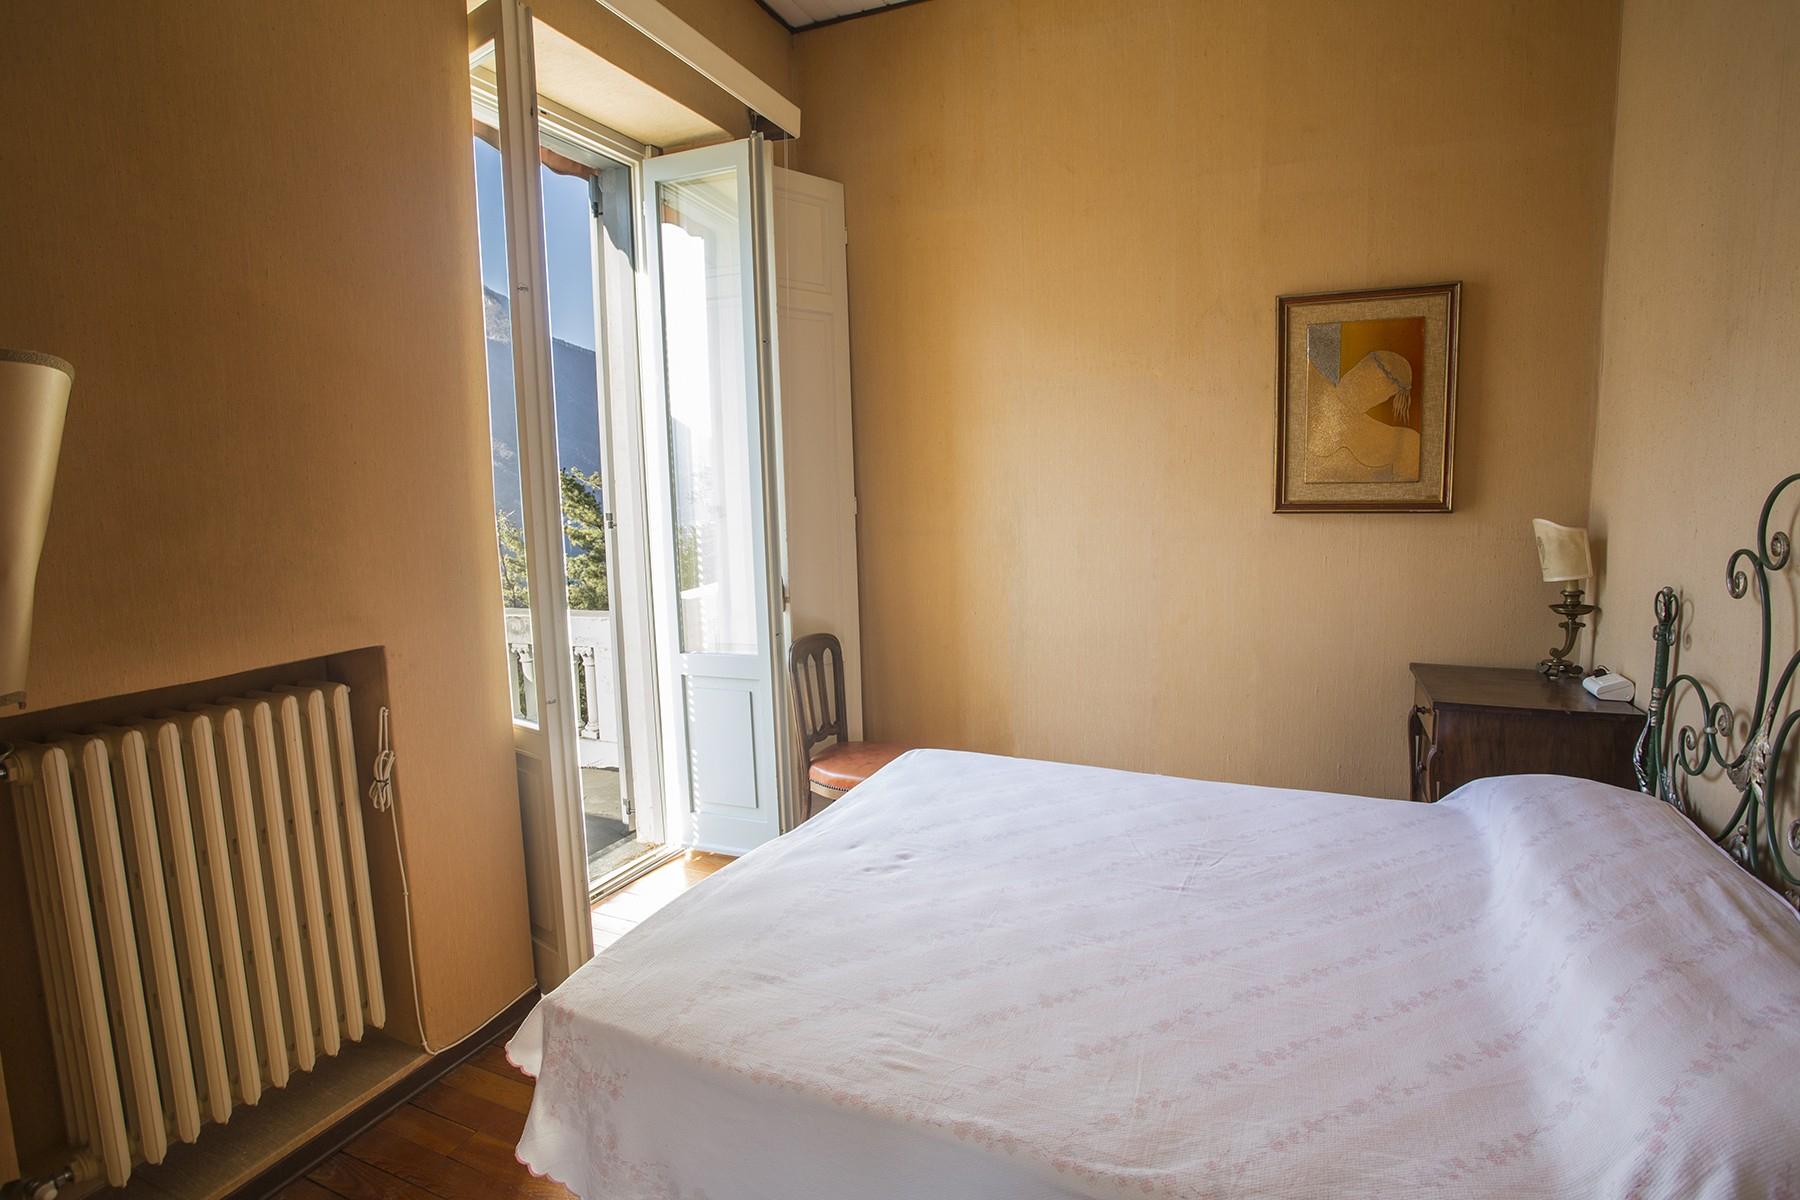 Villa in Vendita a Nesso: 5 locali, 250 mq - Foto 19